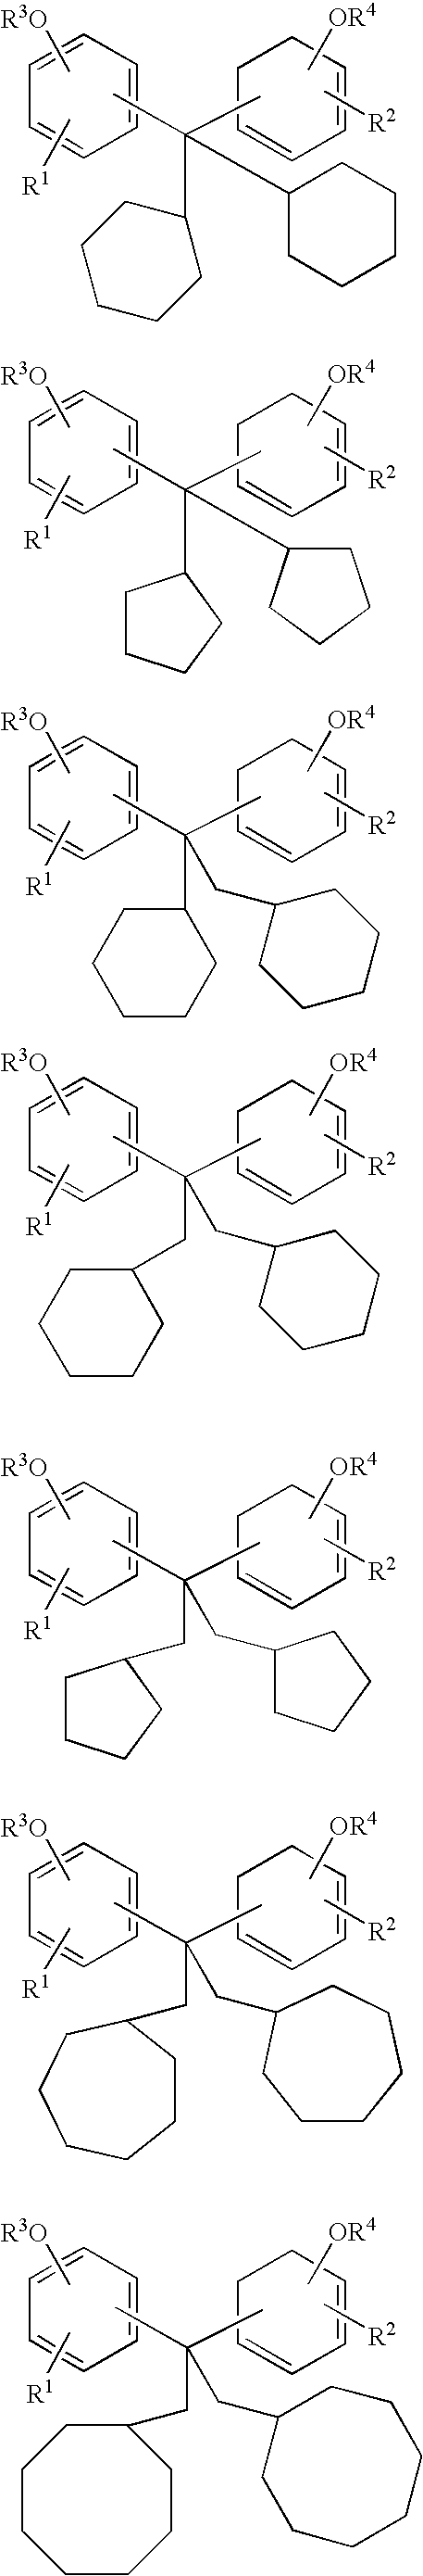 Figure US20070275325A1-20071129-C00004